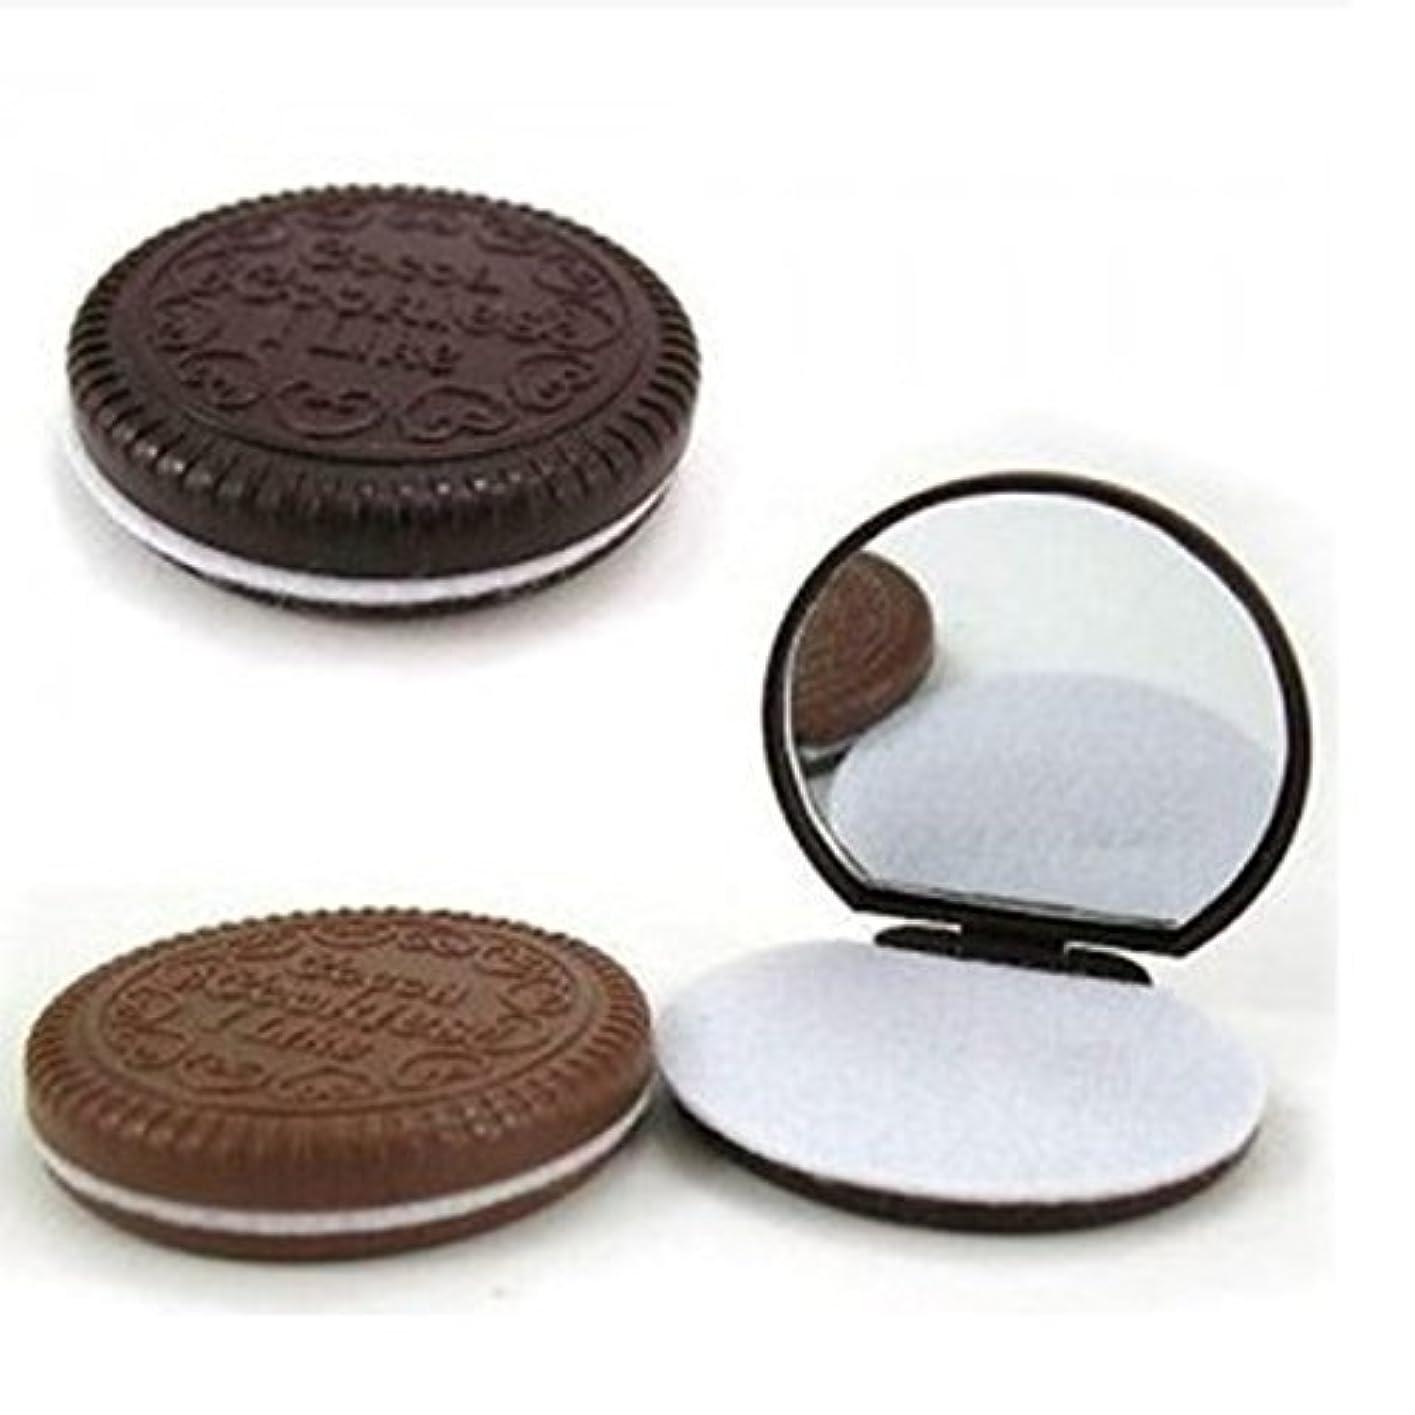 仲間、同僚最後にチューインガム3 Pcs Cute Chocolate Makeup Mirror With Comb Women Hand Pocket Compact Makeup Tools Great Gift [並行輸入品]